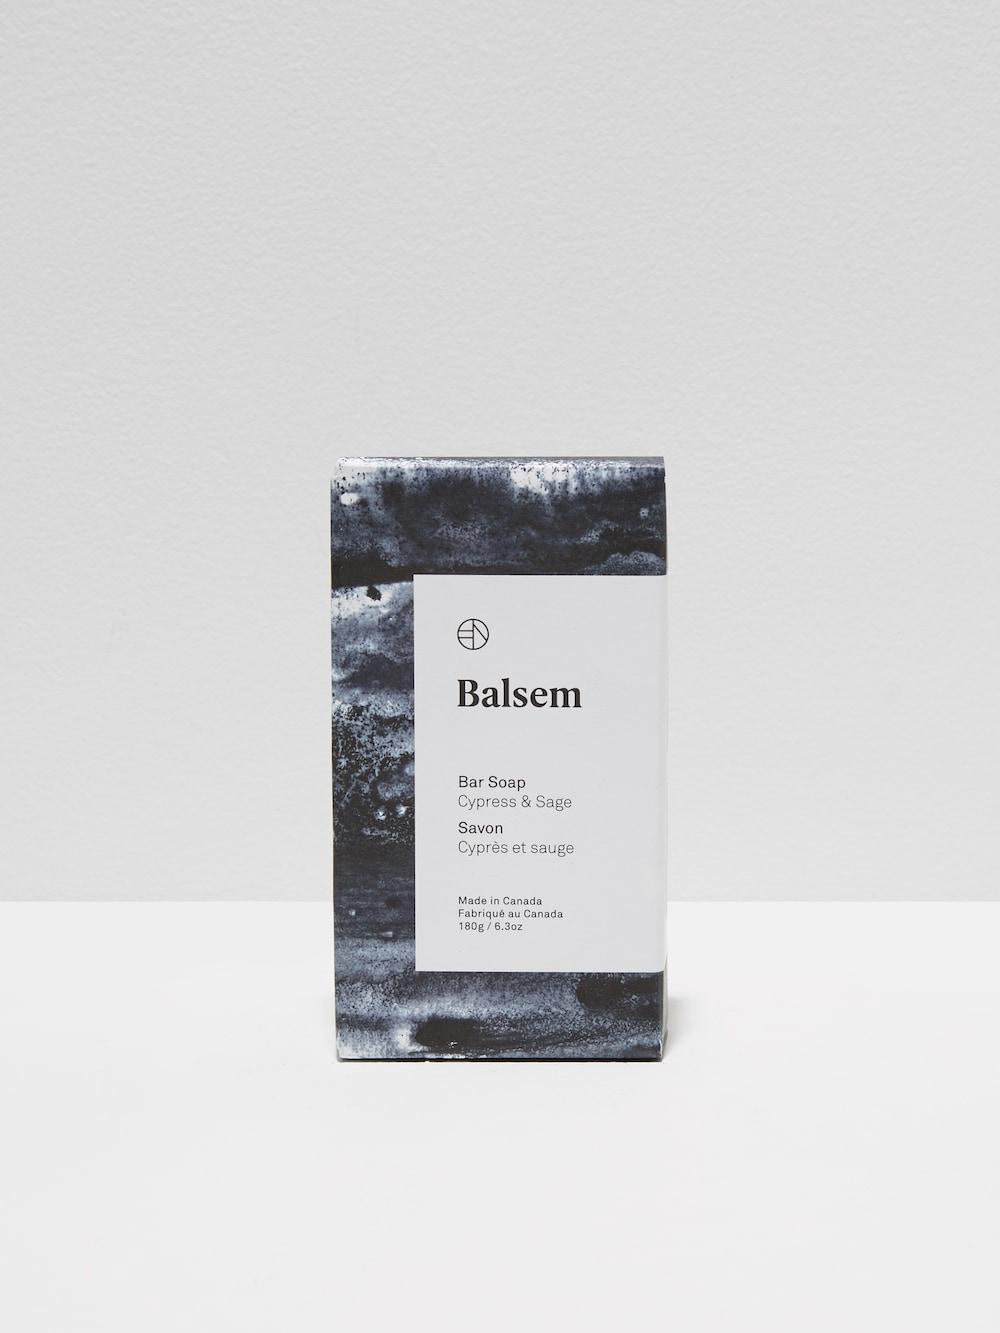 Balsem 产品包装设计